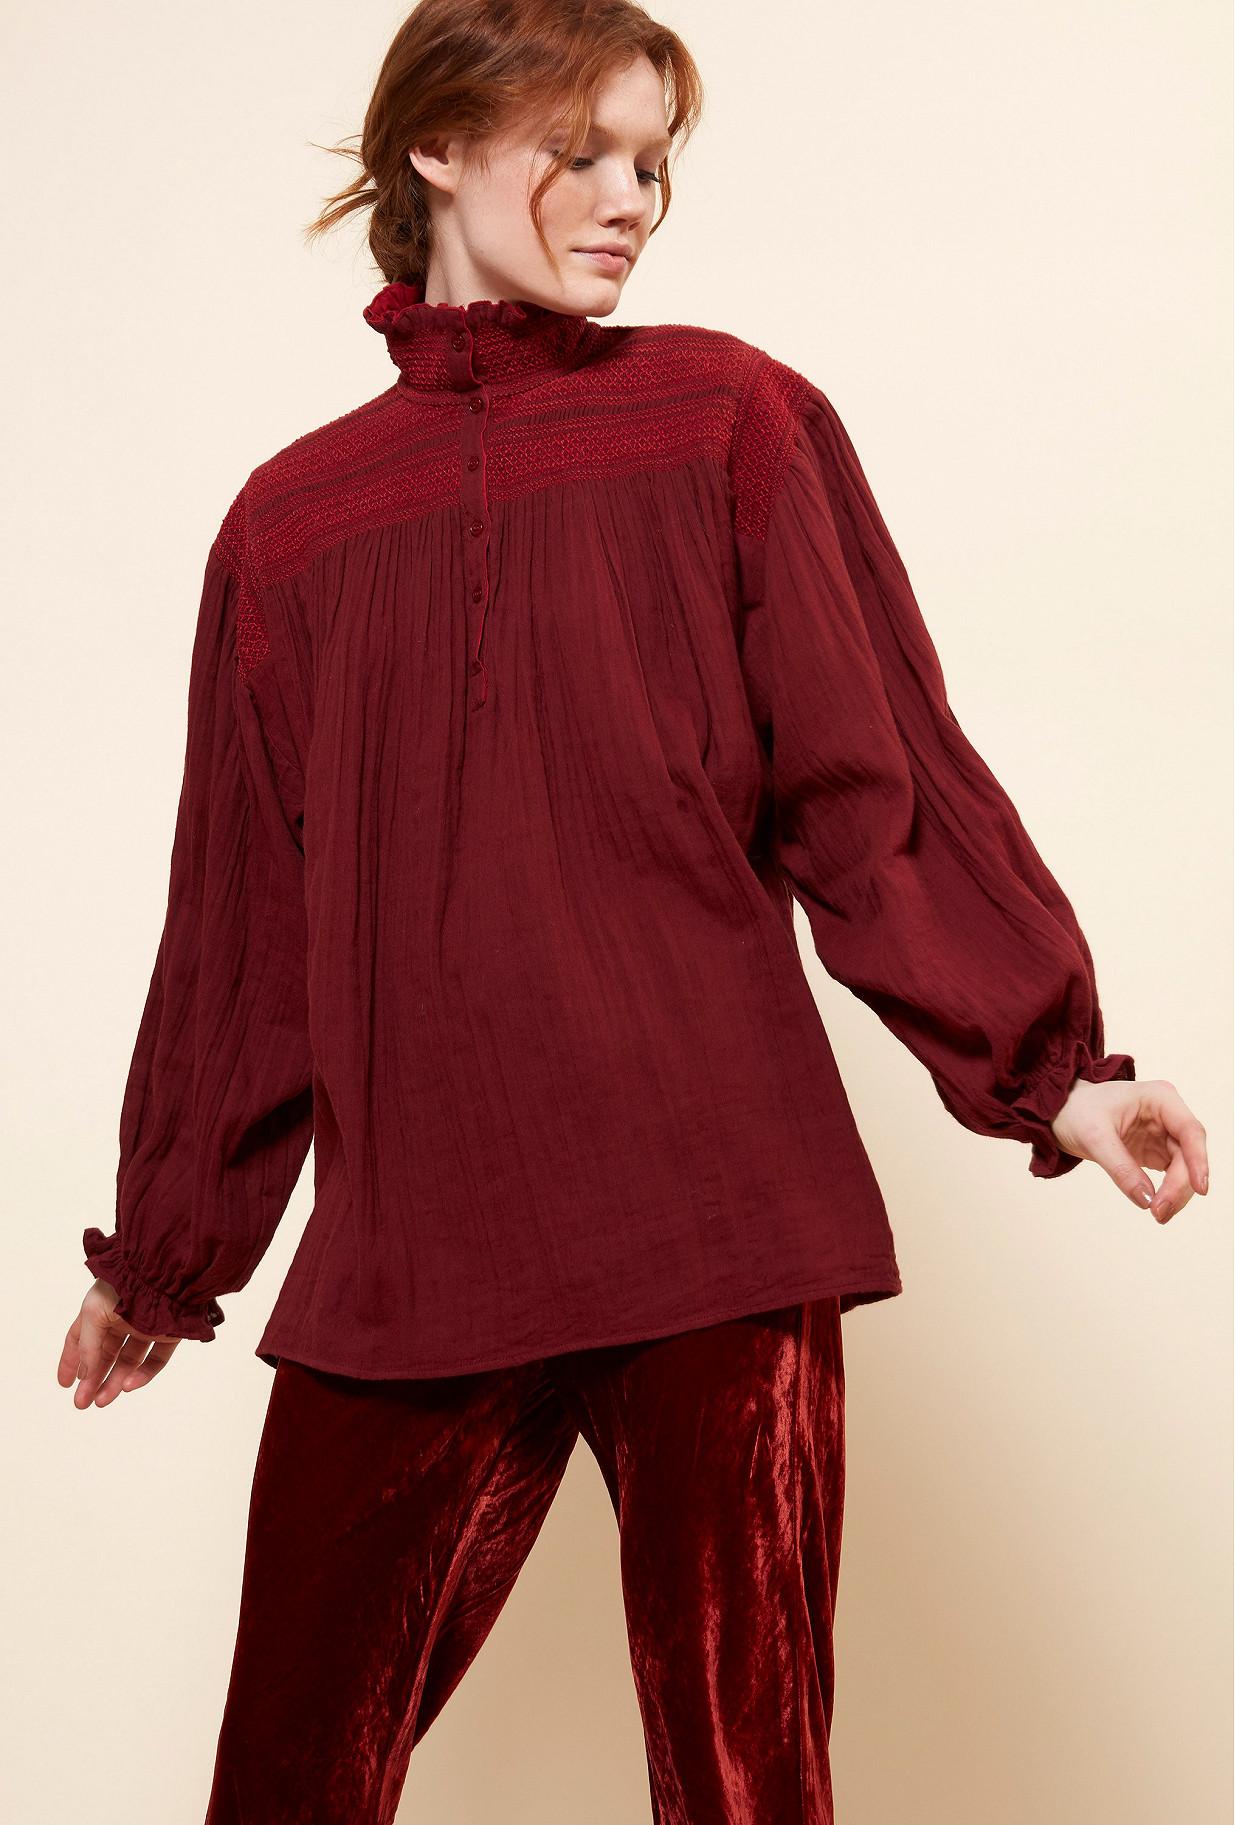 Red  Blouse  Tartuffe Mes demoiselles fashion clothes designer Paris